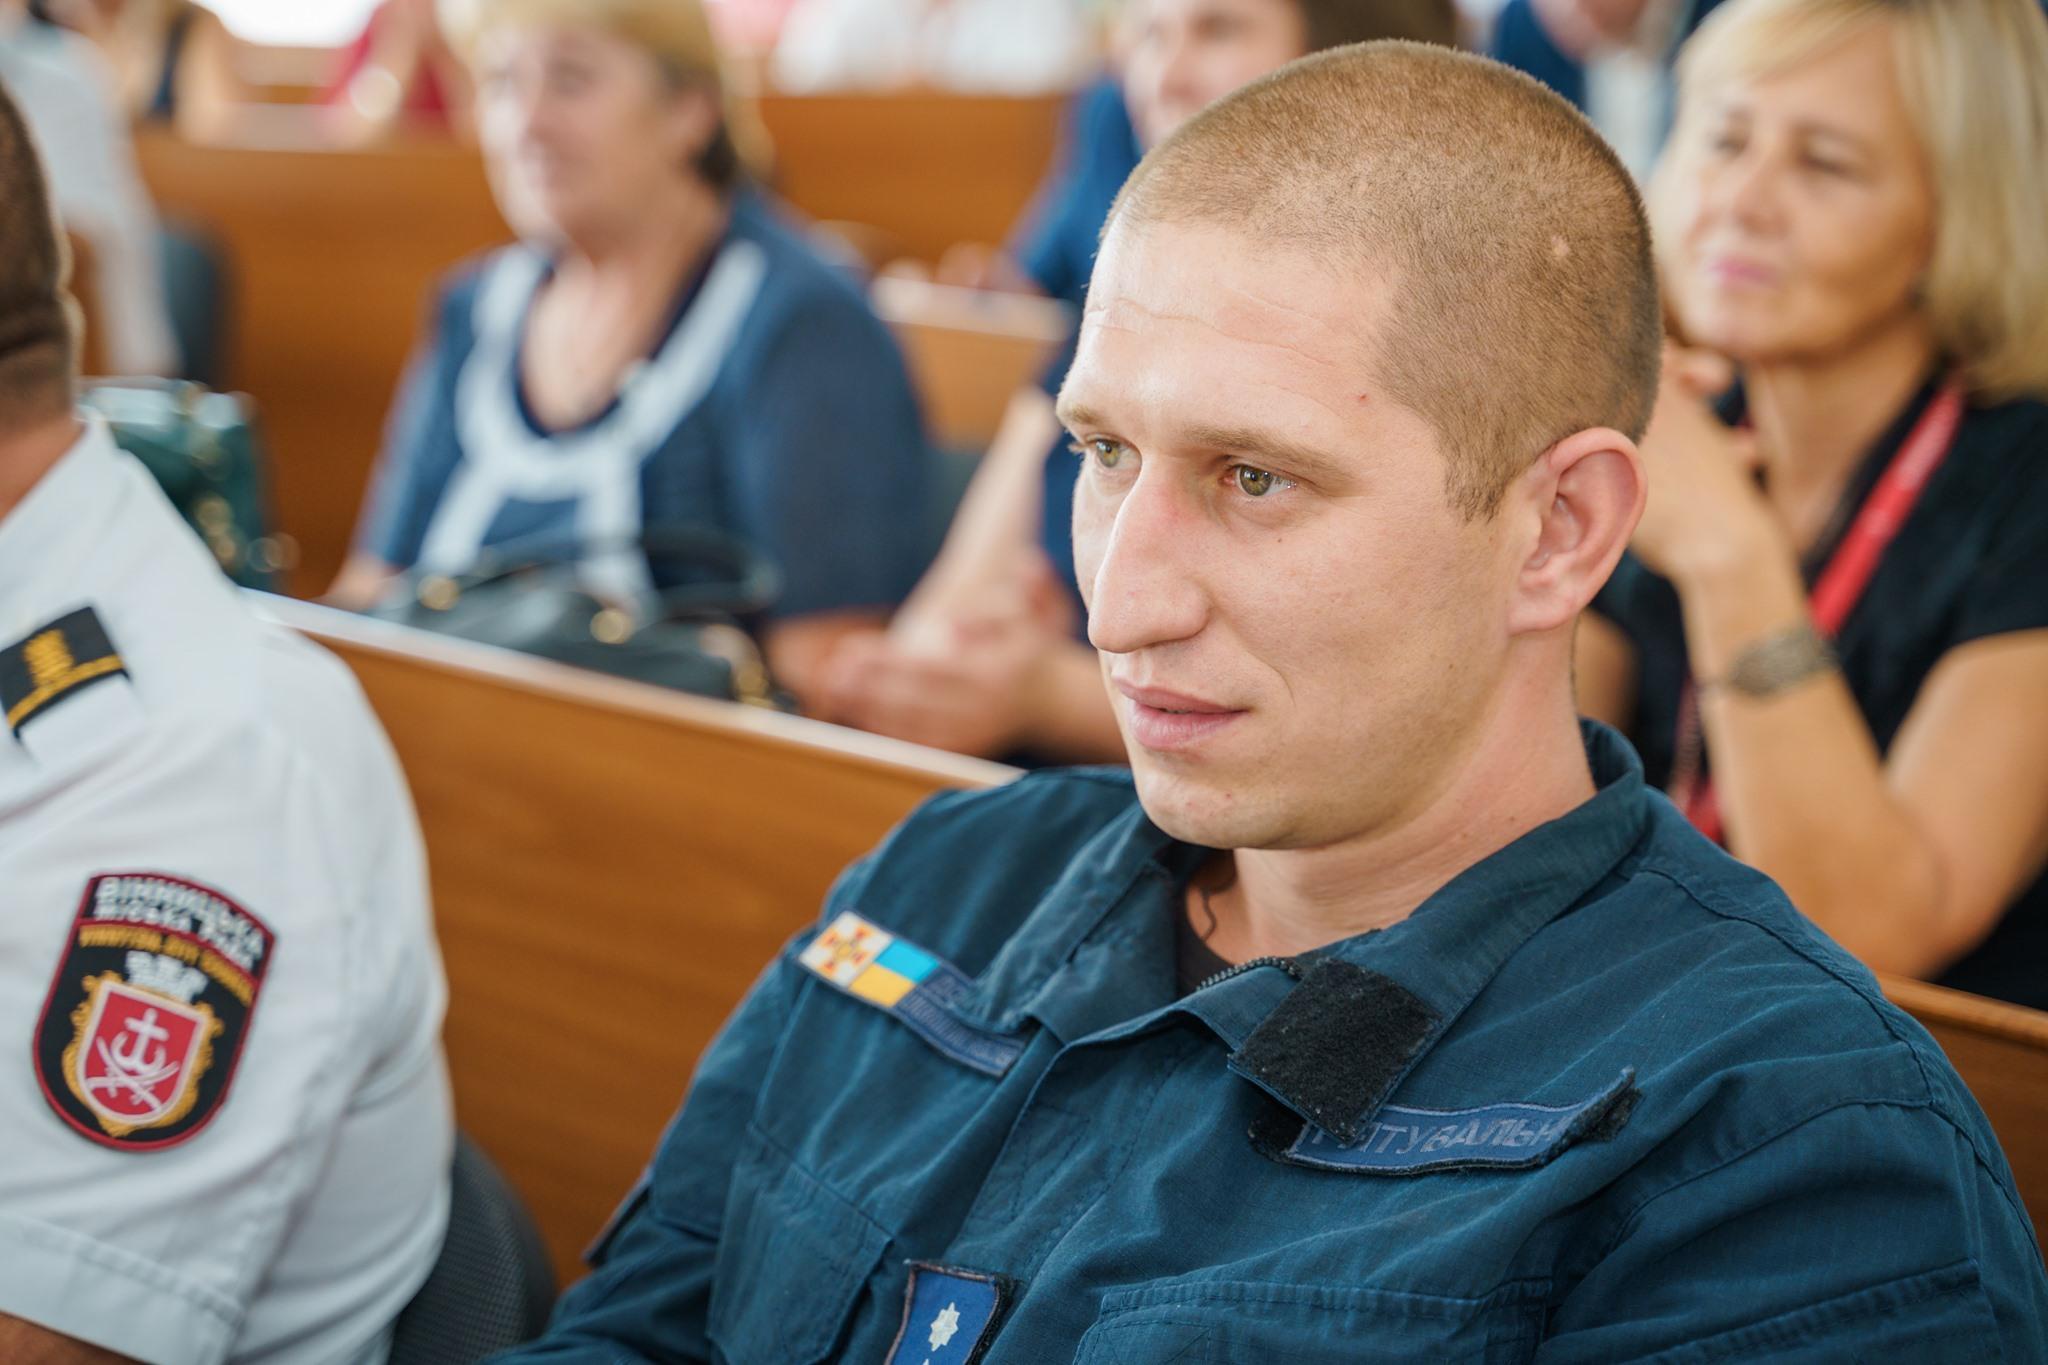 У Вінниці нагородили рятувальника, який посеред дороги допоміг непритомній жінці